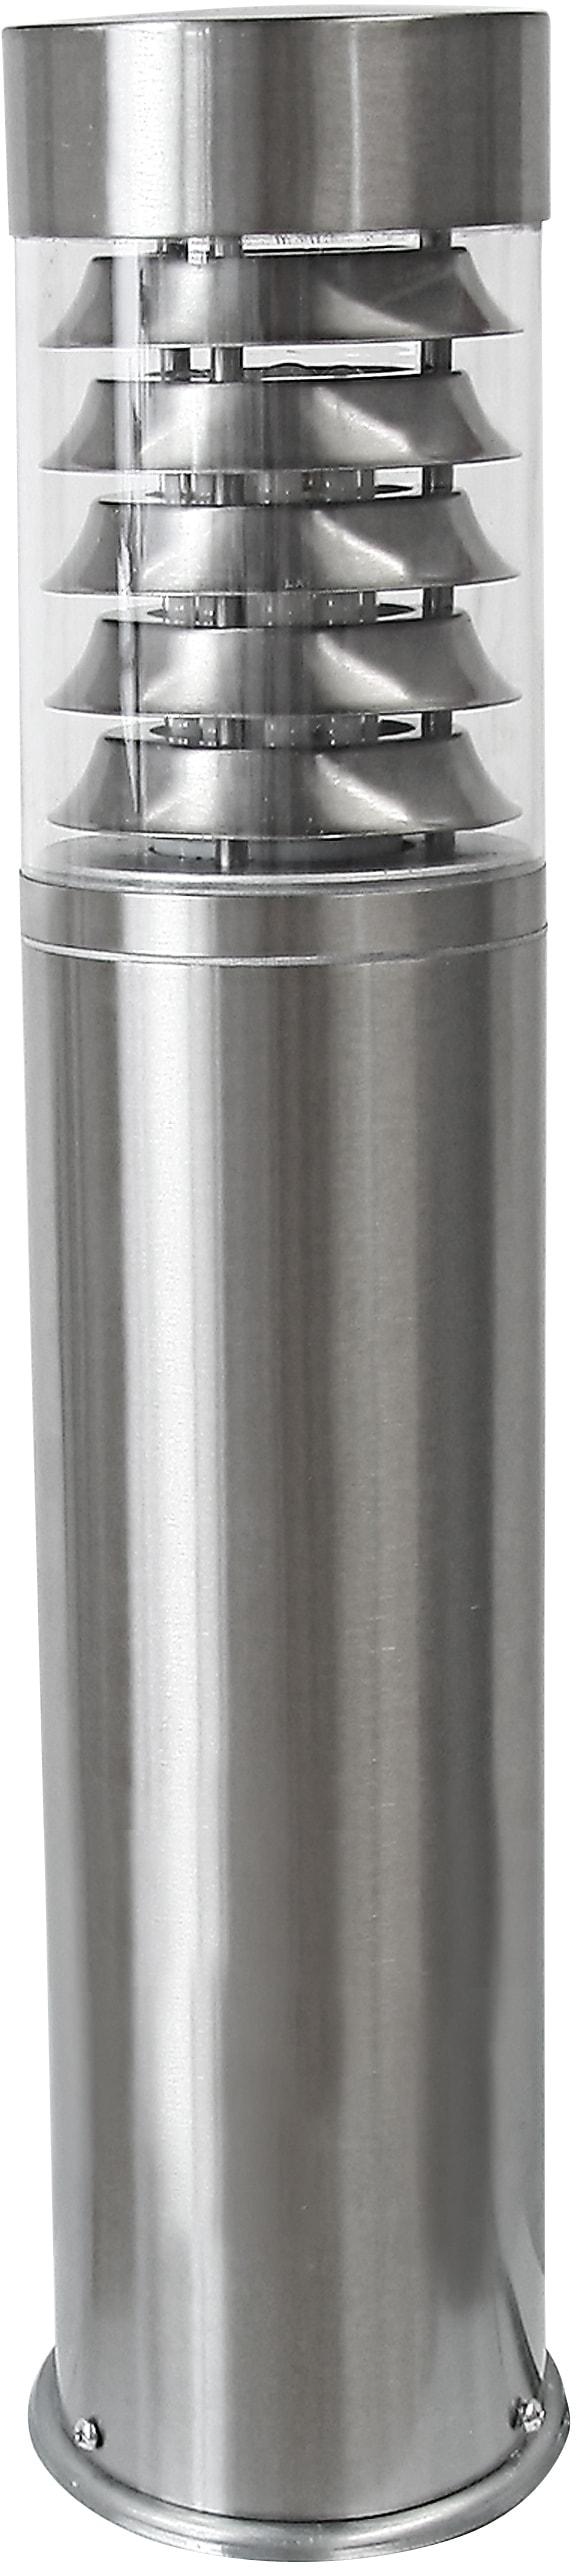 HEITRONIC Sockelleuchte Saturn, E27, 1 St., Gehäuse aus Edelstahl; für Leuchtmittel mit max. 40 mm Durchmesser